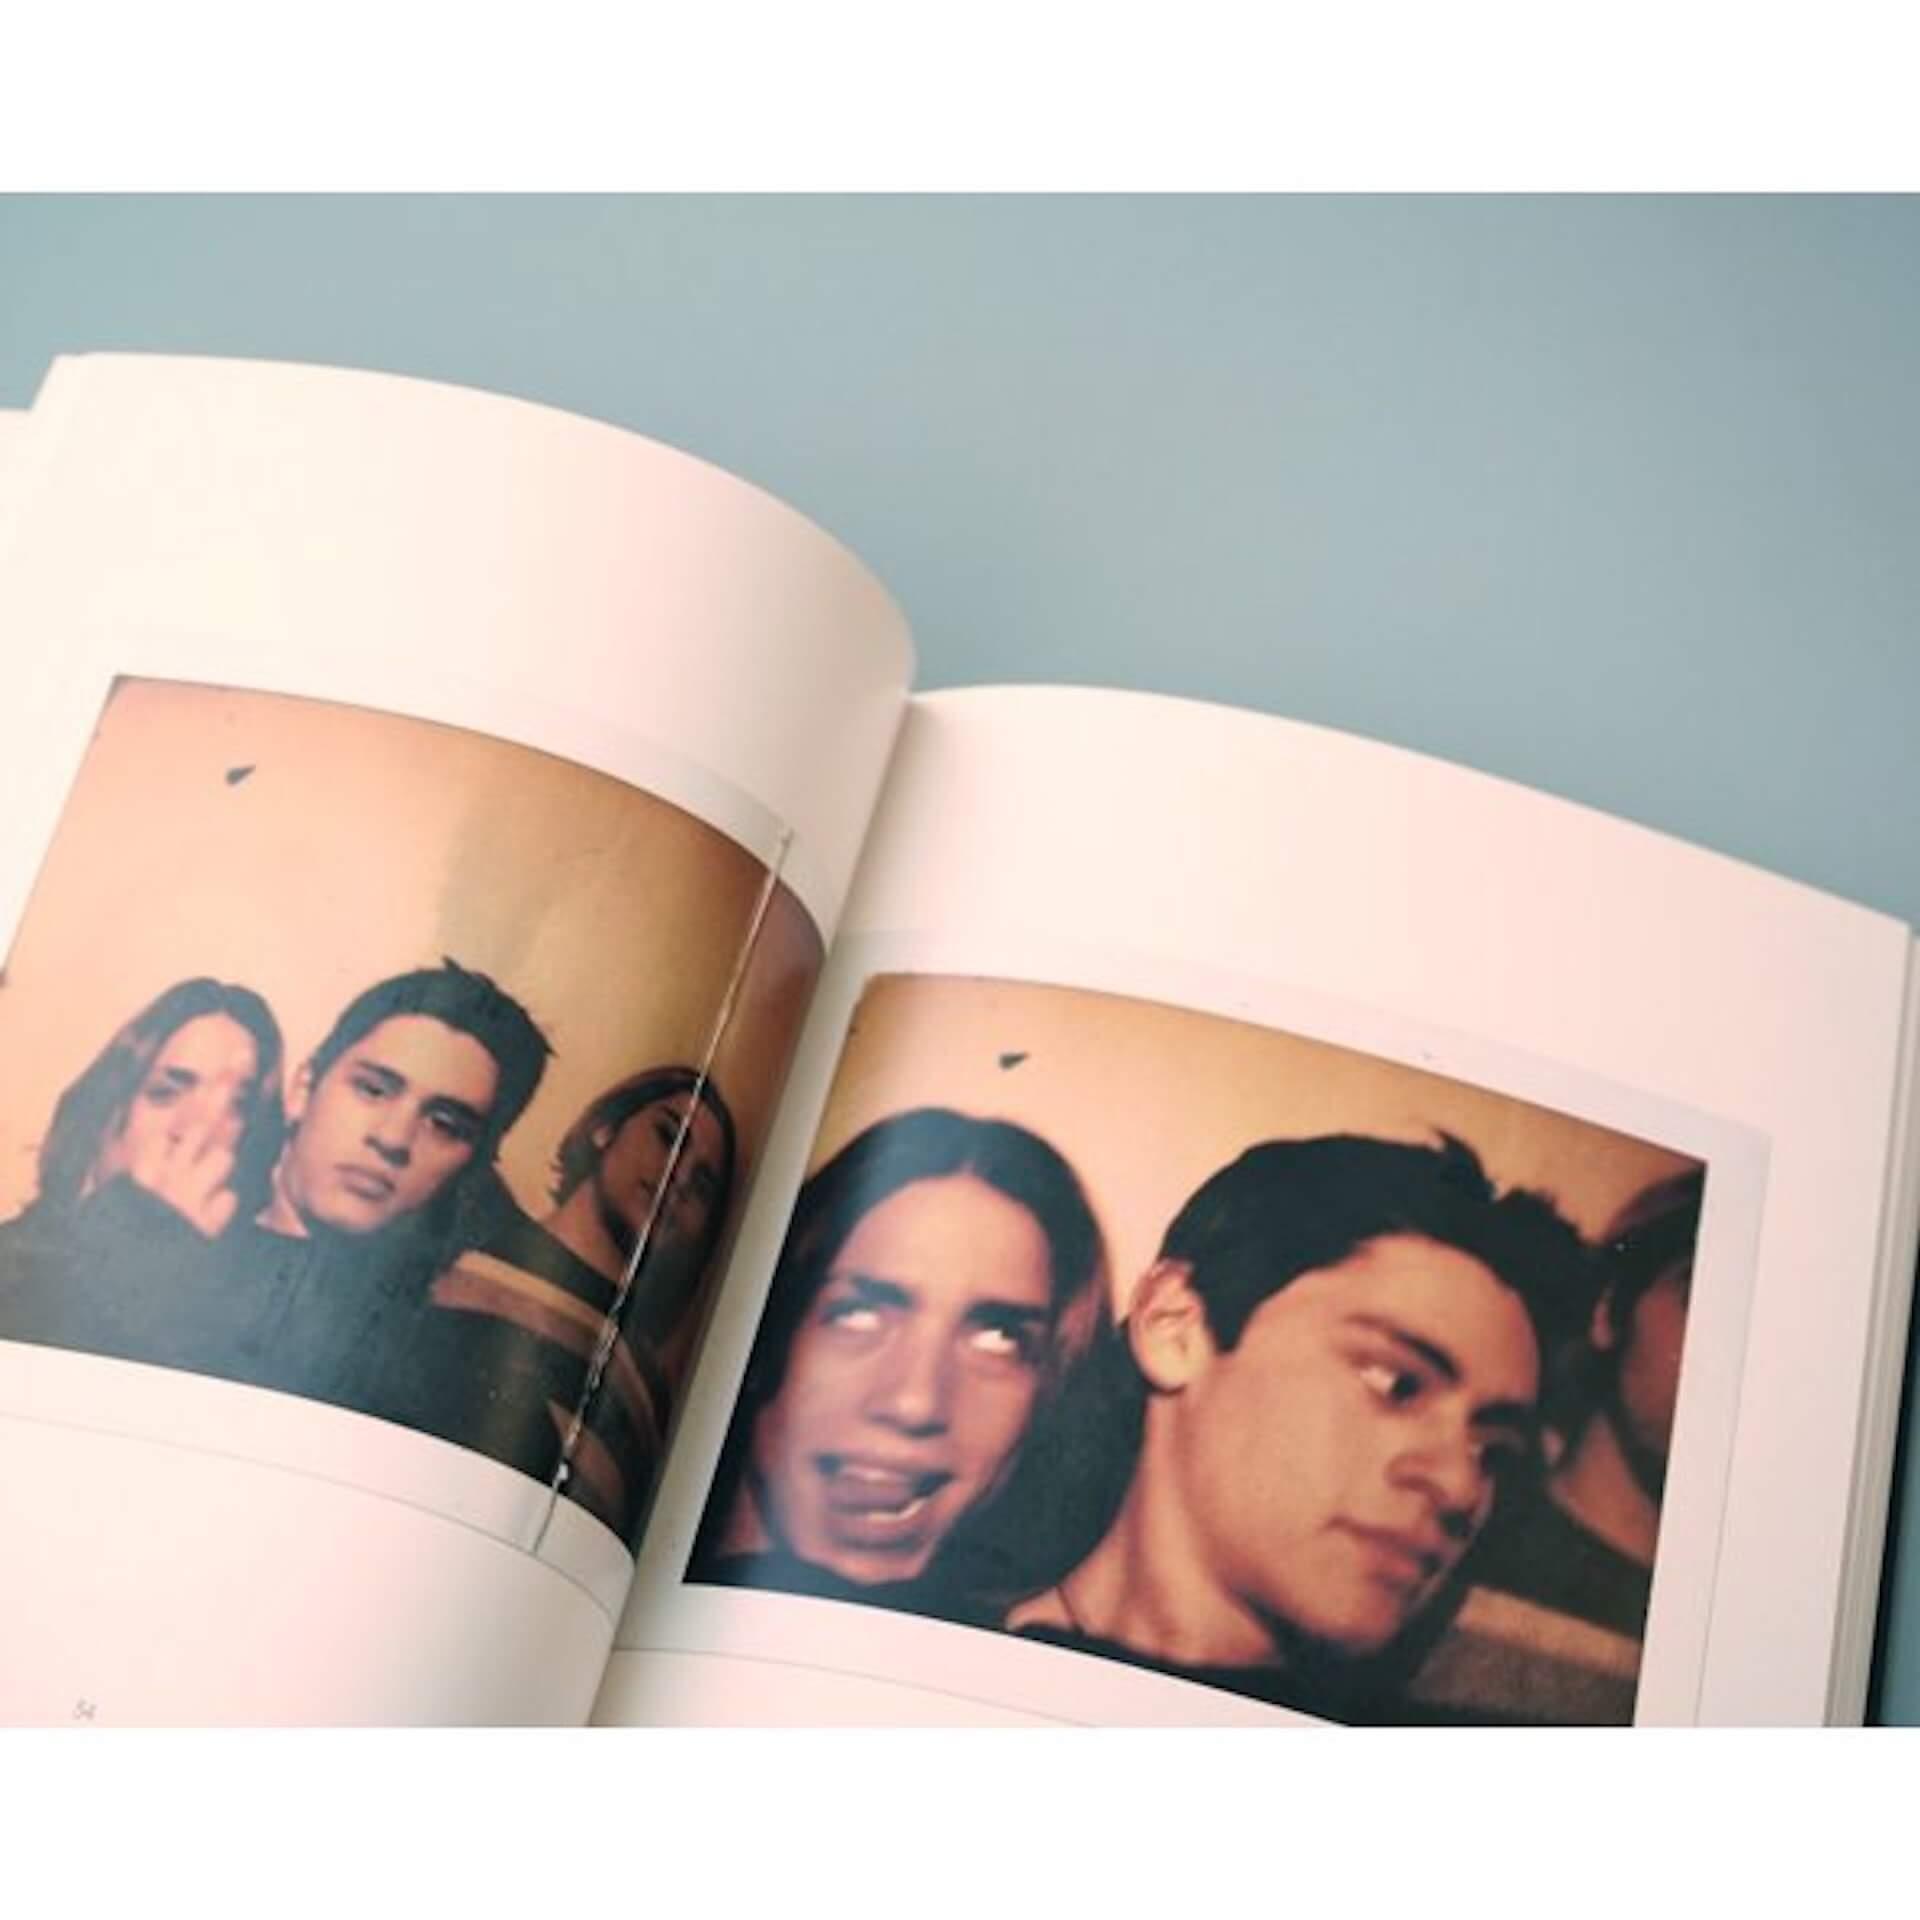 アートブックノススメ Qetic編集部が選ぶ5冊/Davide Sorrenti 他 art210322_artbook-015